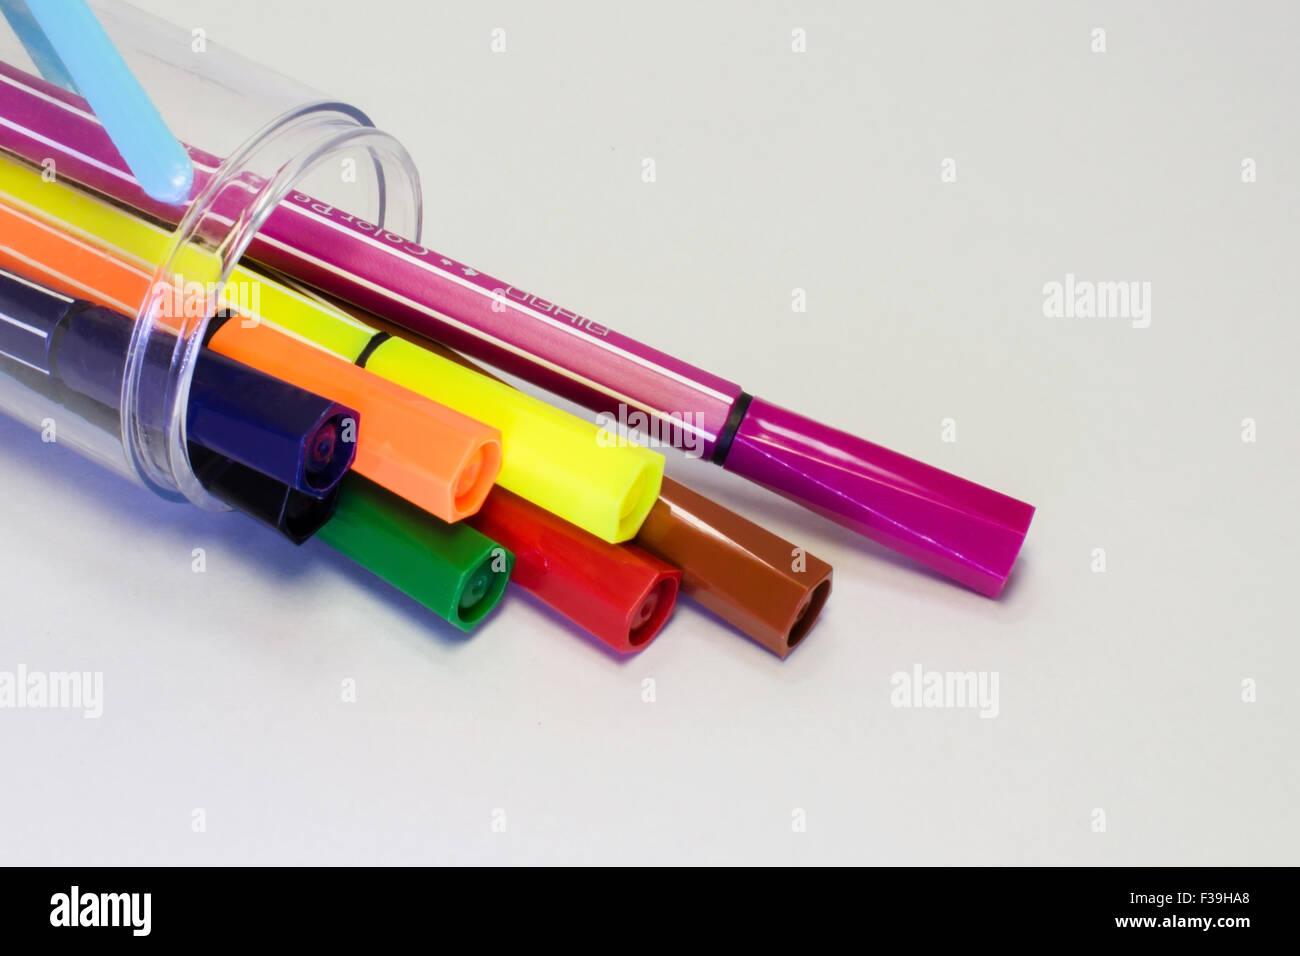 La couleur panaché de papeterie Photo Stock